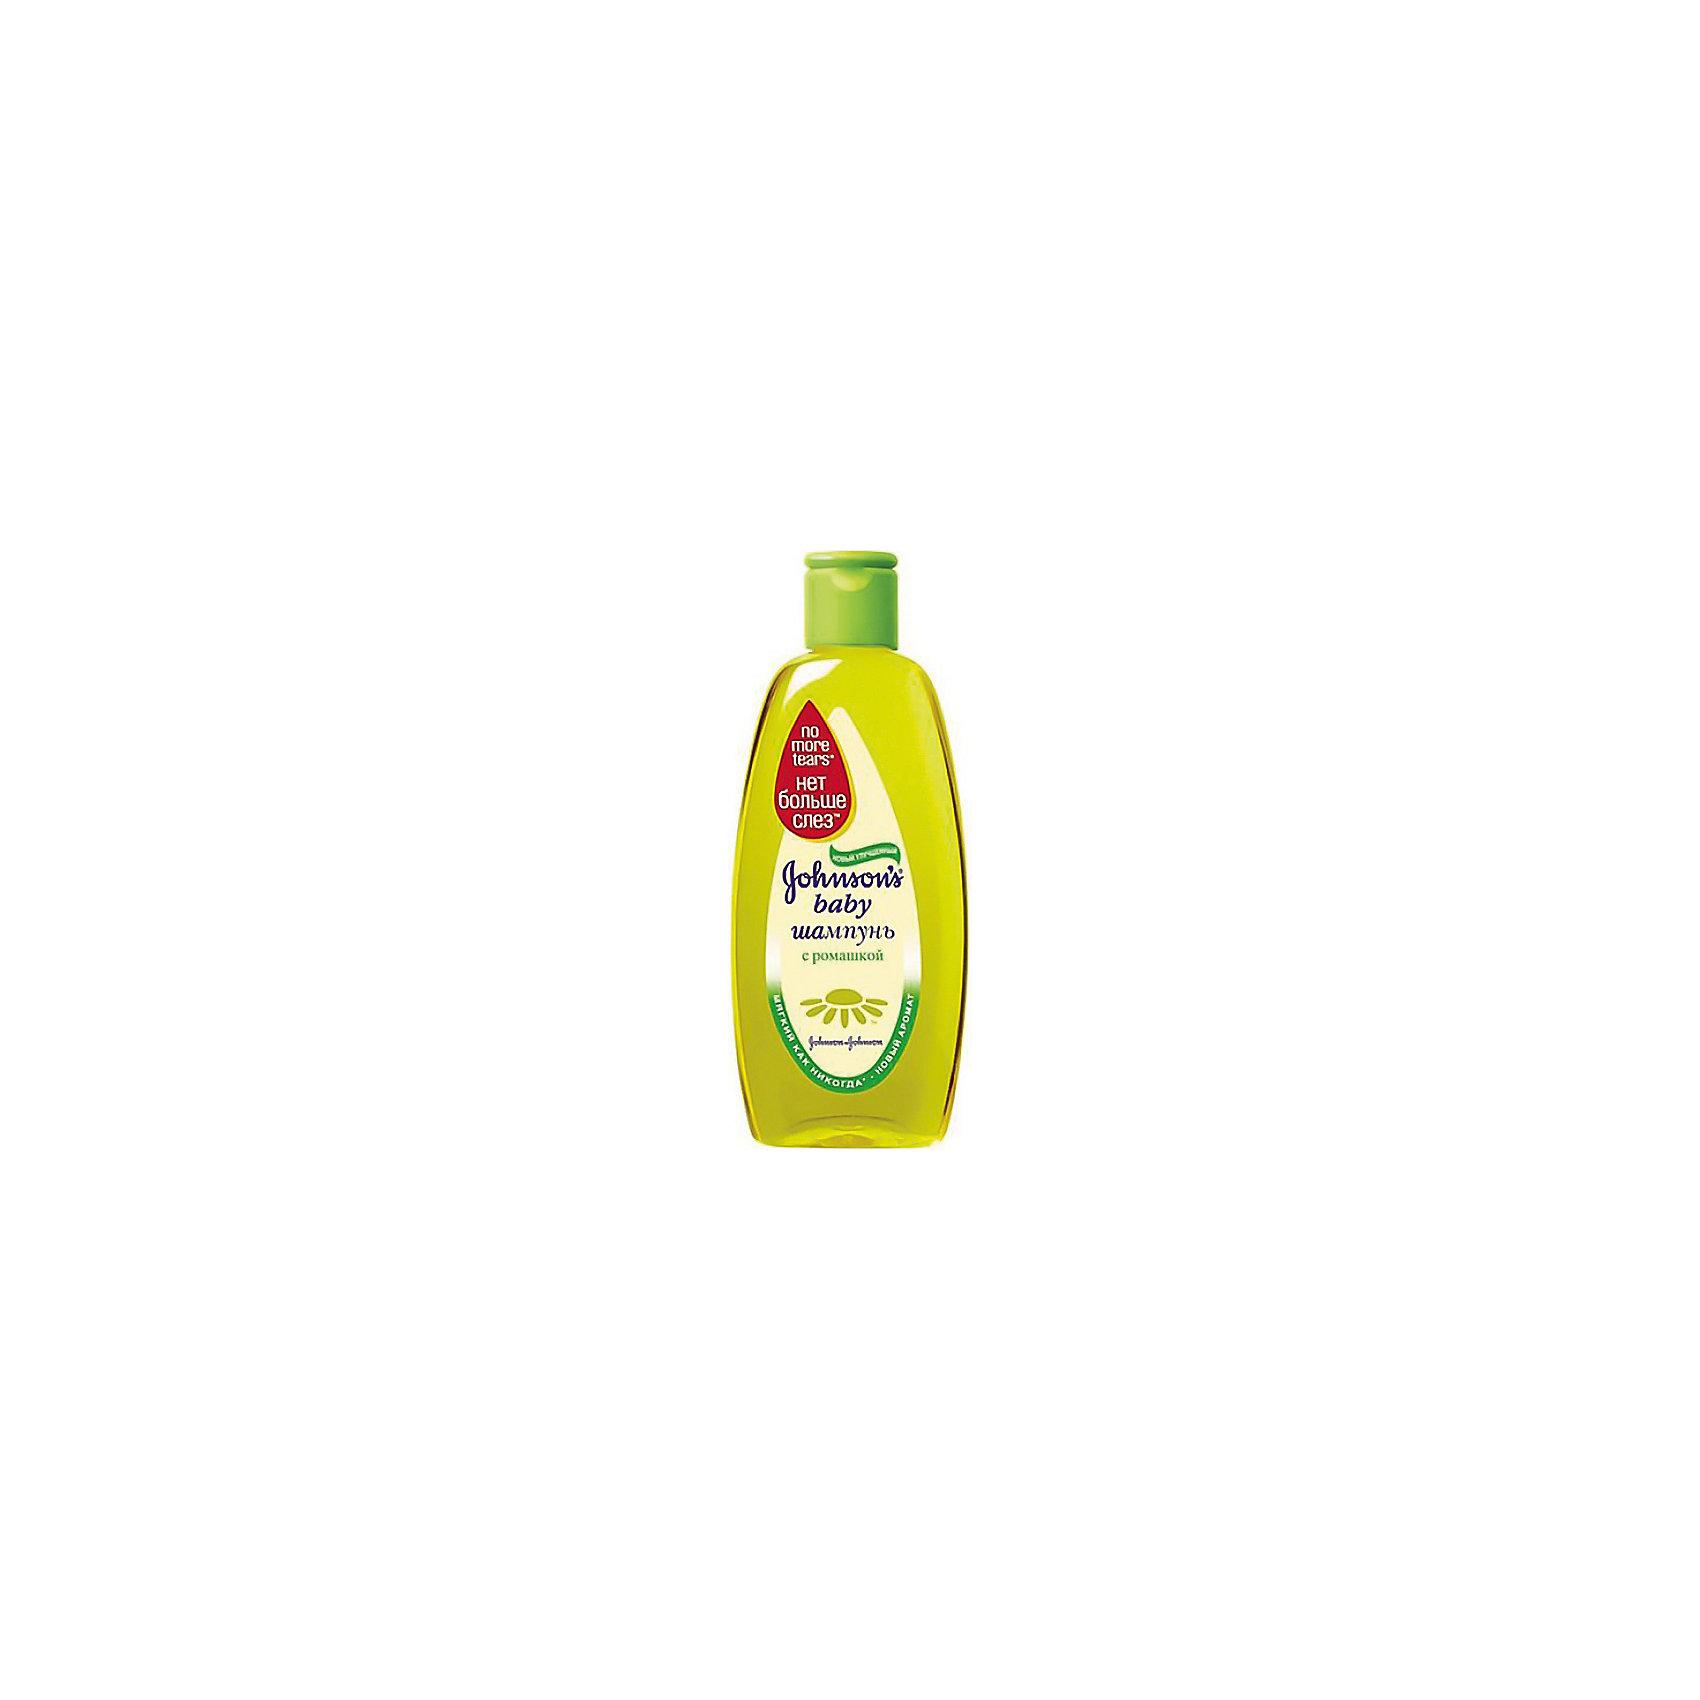 Шампунь с ромашкой 500 мл., Johnson `s babyШампунь Johnsons детский с ромашкой 500 мл оказывает смягчающее действие на кожу головы и волосы. Благодаря натуральному экстракту ромашки волосы становятся мягкими и блестящими. Волосы ребенка легко расчесываются и становятся послушными. Шампунь не содержит мыла, поэтому не сушит кожу головы. Им можно пользоваться каждый день. Шампунь содержит уникальную формулу Нет больше слез, которая не щипет и не раздражает глазки.<br><br>Ширина мм: 45<br>Глубина мм: 87<br>Высота мм: 216<br>Вес г: 559<br>Возраст от месяцев: 0<br>Возраст до месяцев: 48<br>Пол: Унисекс<br>Возраст: Детский<br>SKU: 4124376